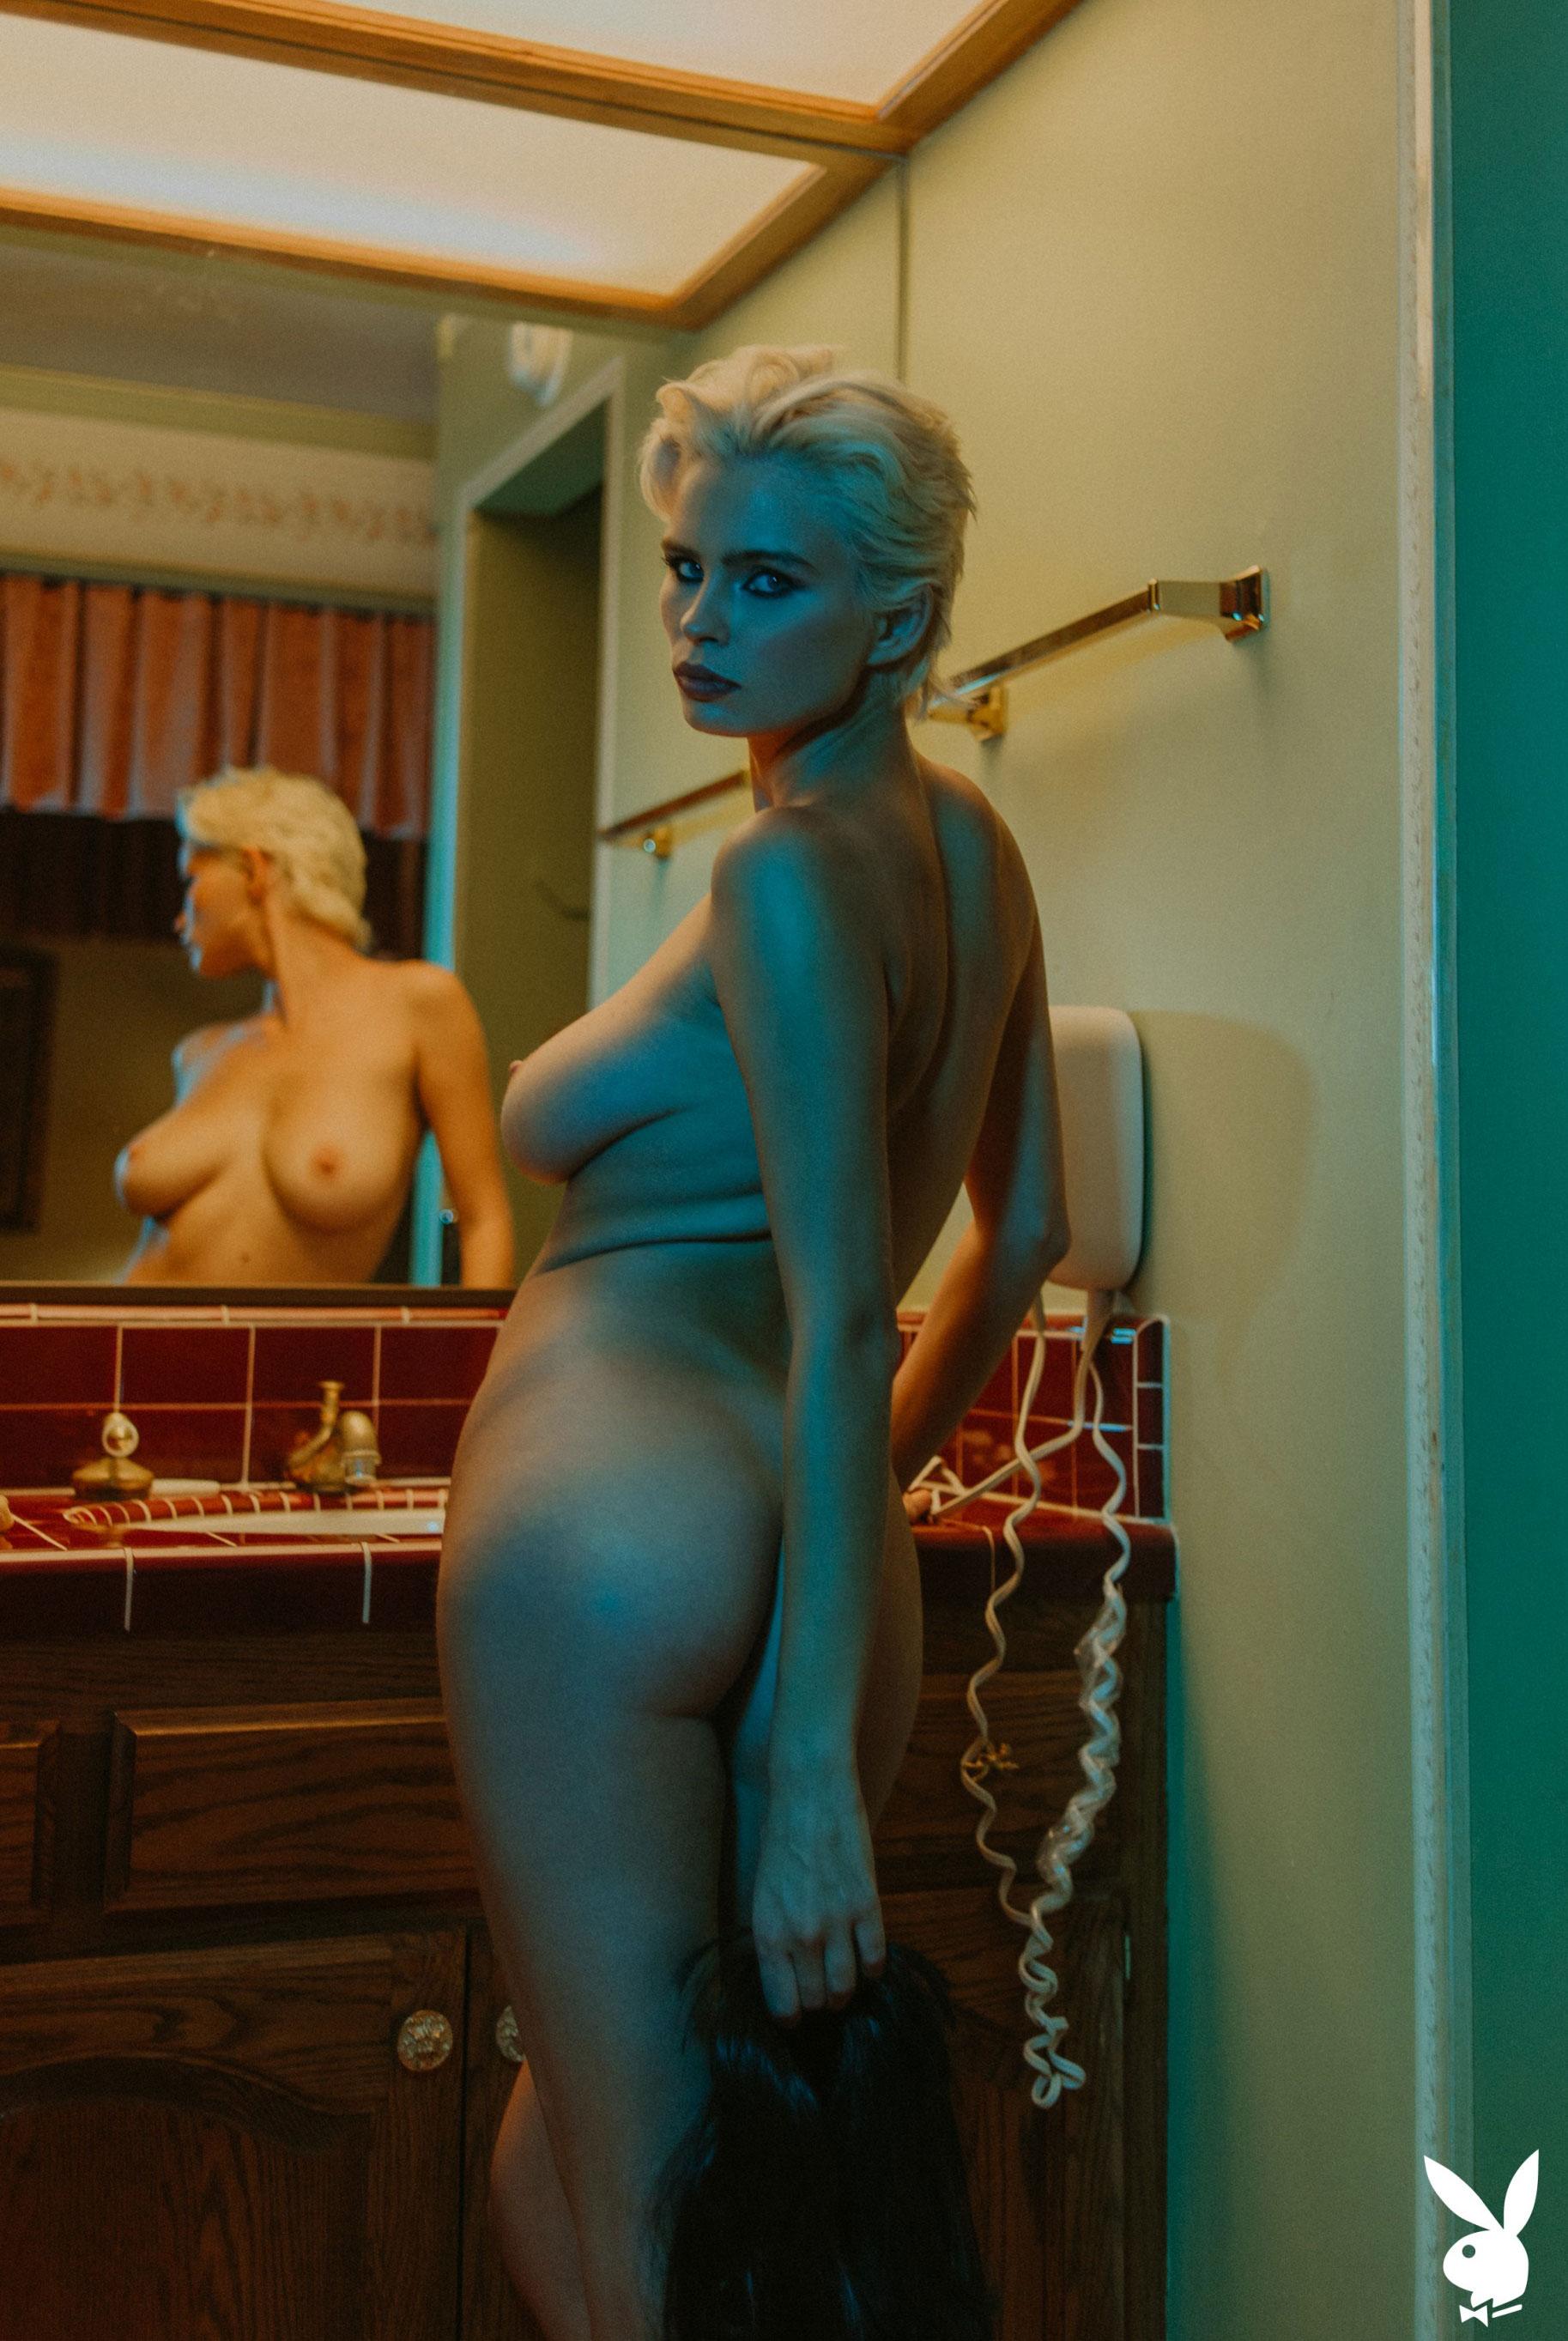 шпионская история / Юлия Логачева в гостиничном номере в Лос-Анджелесе / фото 17